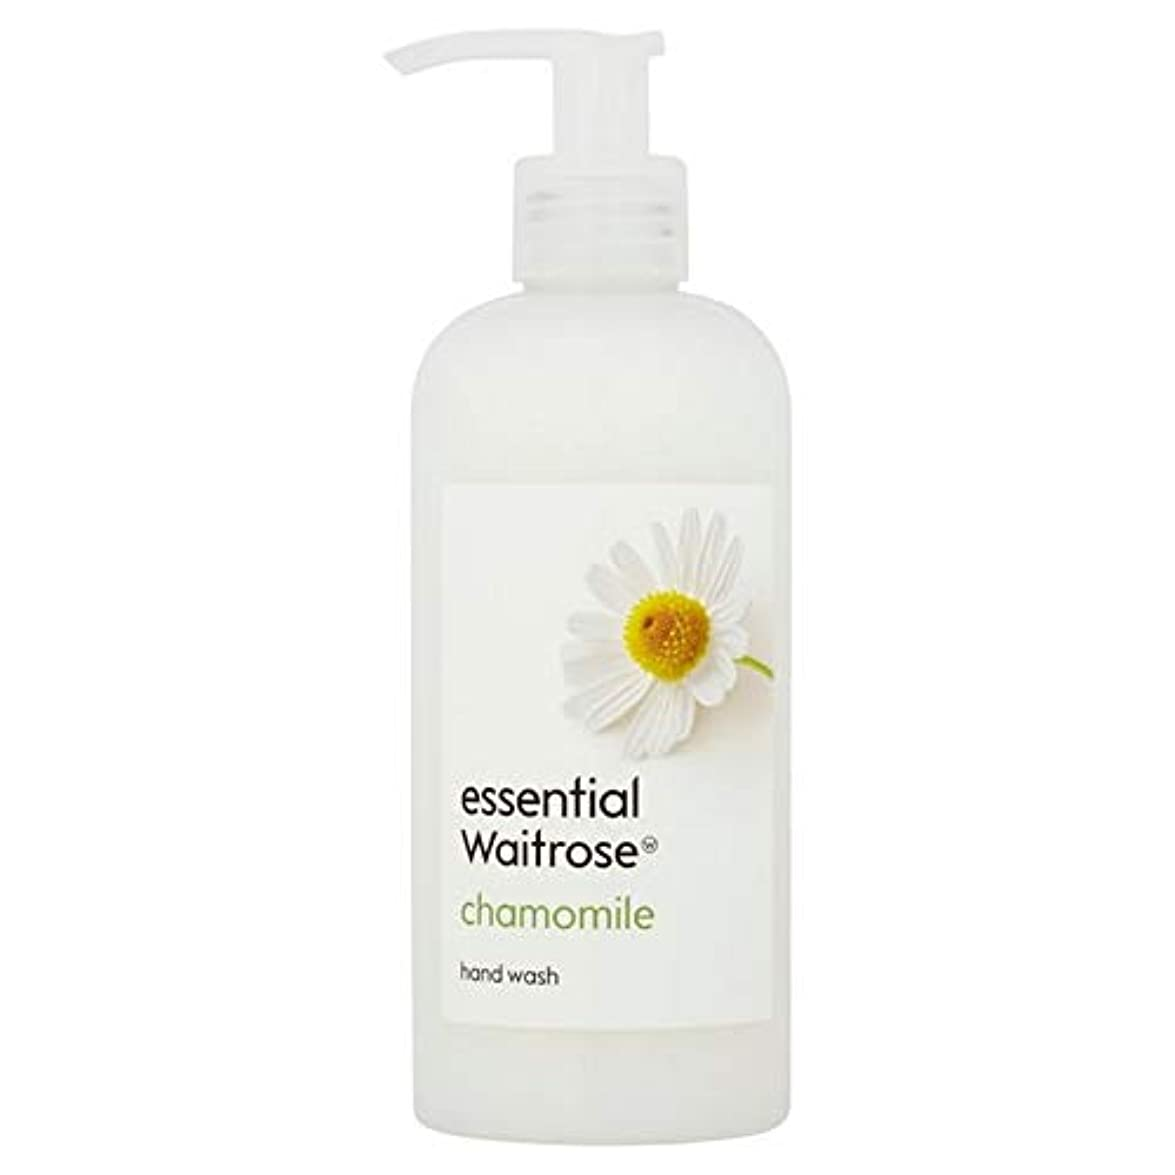 タービン石の専制[Waitrose ] 基本的なウェイトローズのハンドウォッシュカモミール300ミリリットル - Essential Waitrose Hand Wash Chamomile 300ml [並行輸入品]